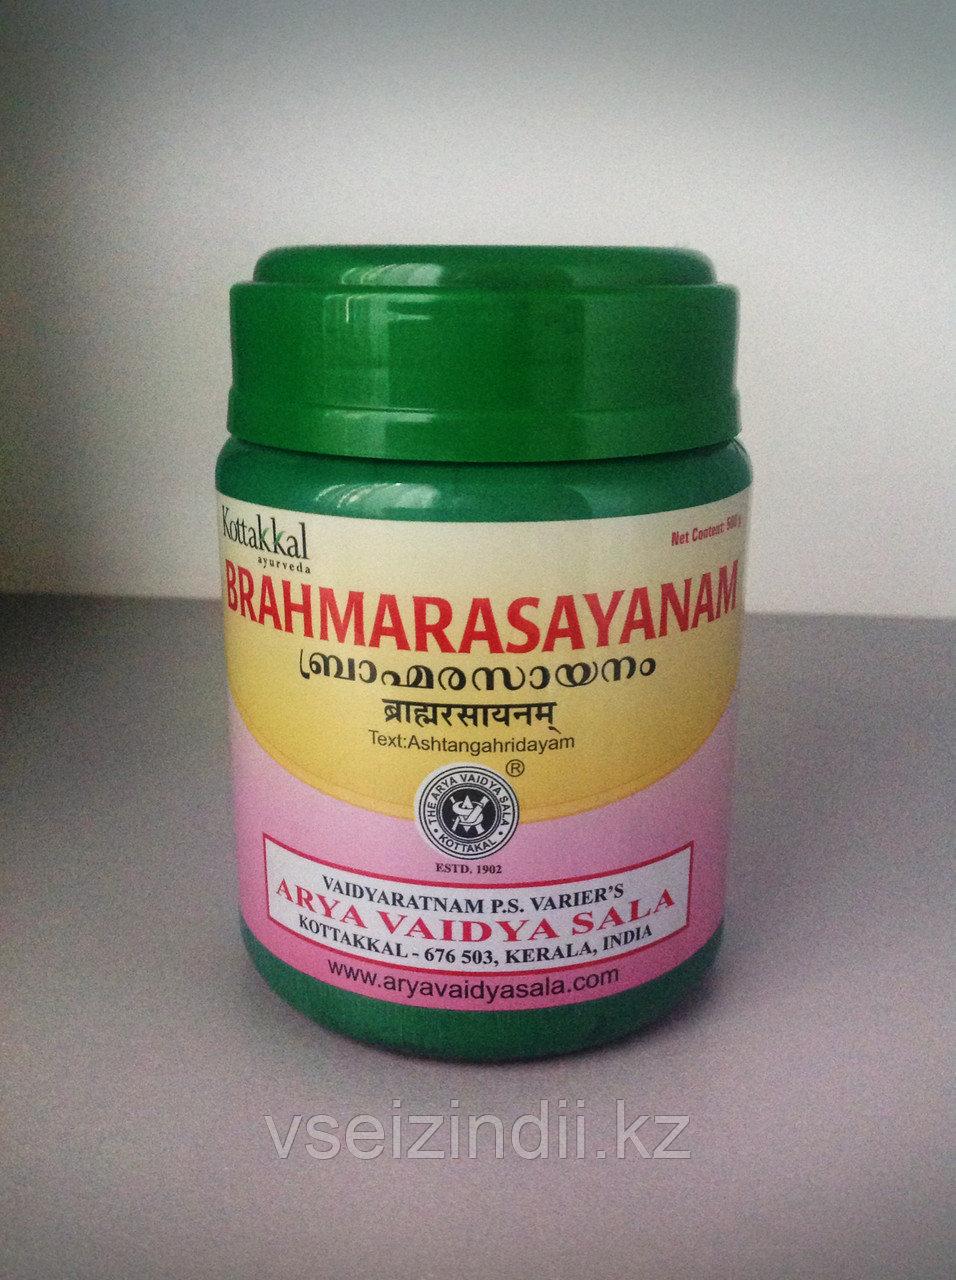 Брахма расаяна Brahma Rasayana, ARYA VAIDYA SALA, 500 гр